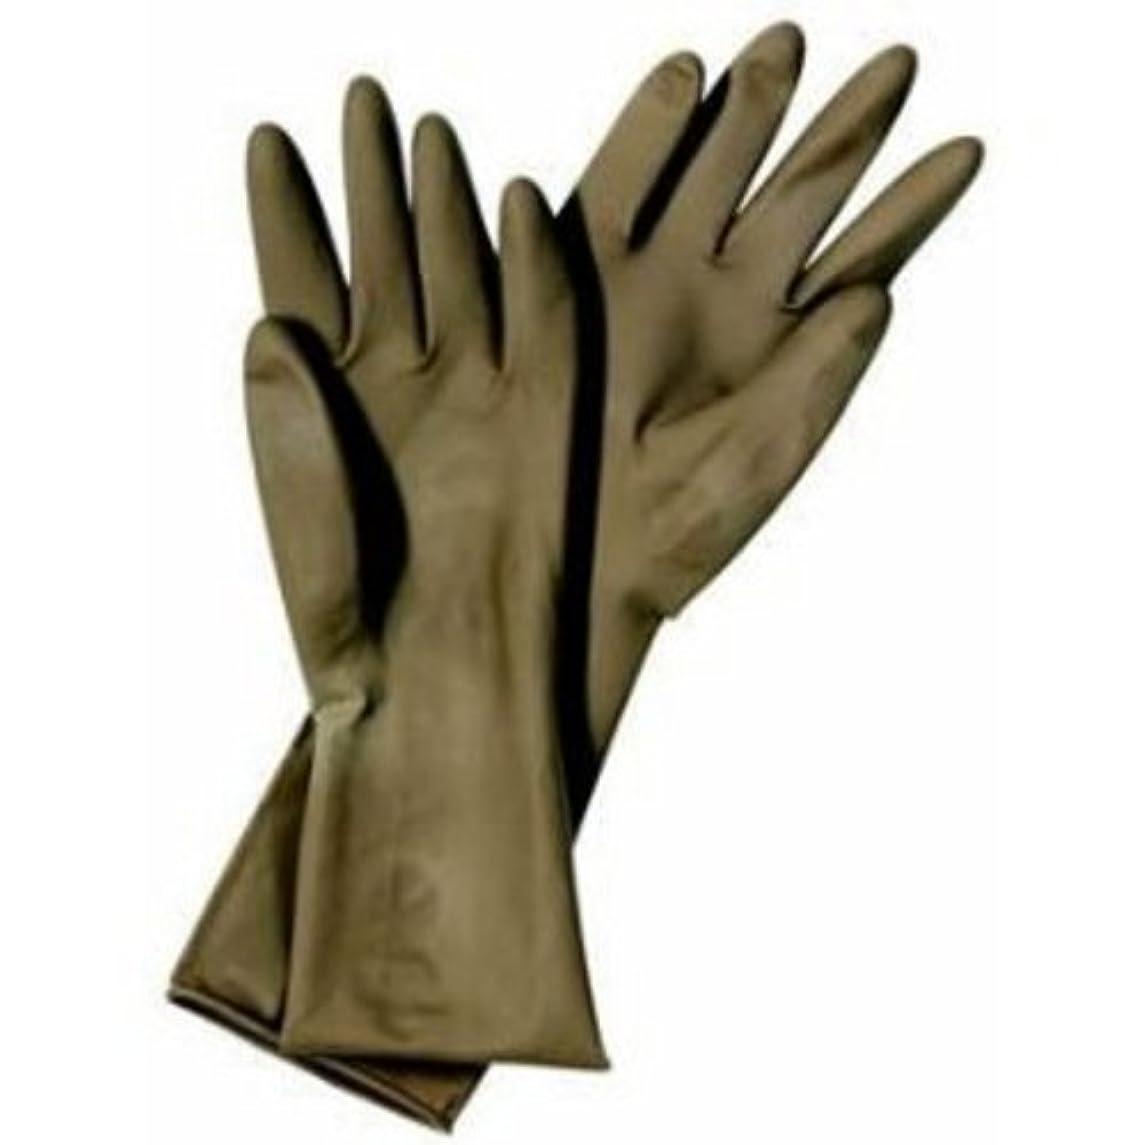 恥ずかしい抱擁エミュレートするマタドール ゴム手袋 7インチ